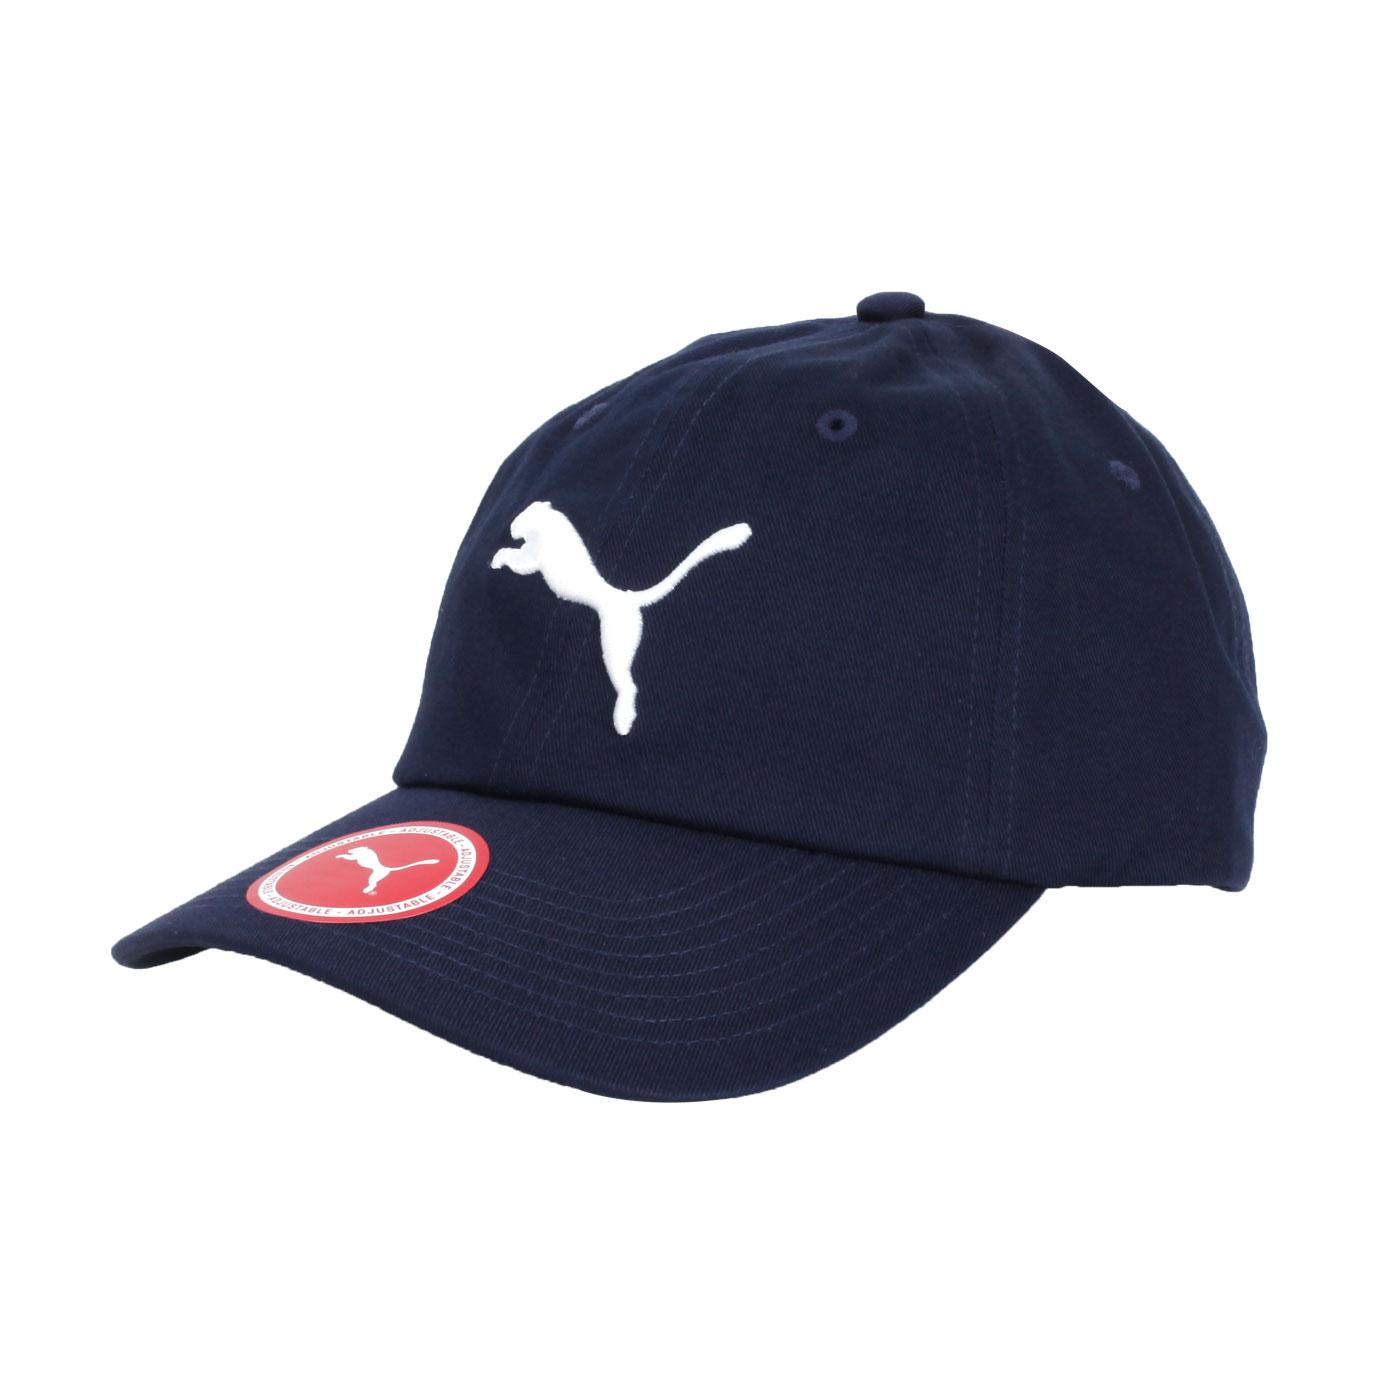 PUMA 基本系列棒球帽 05291902